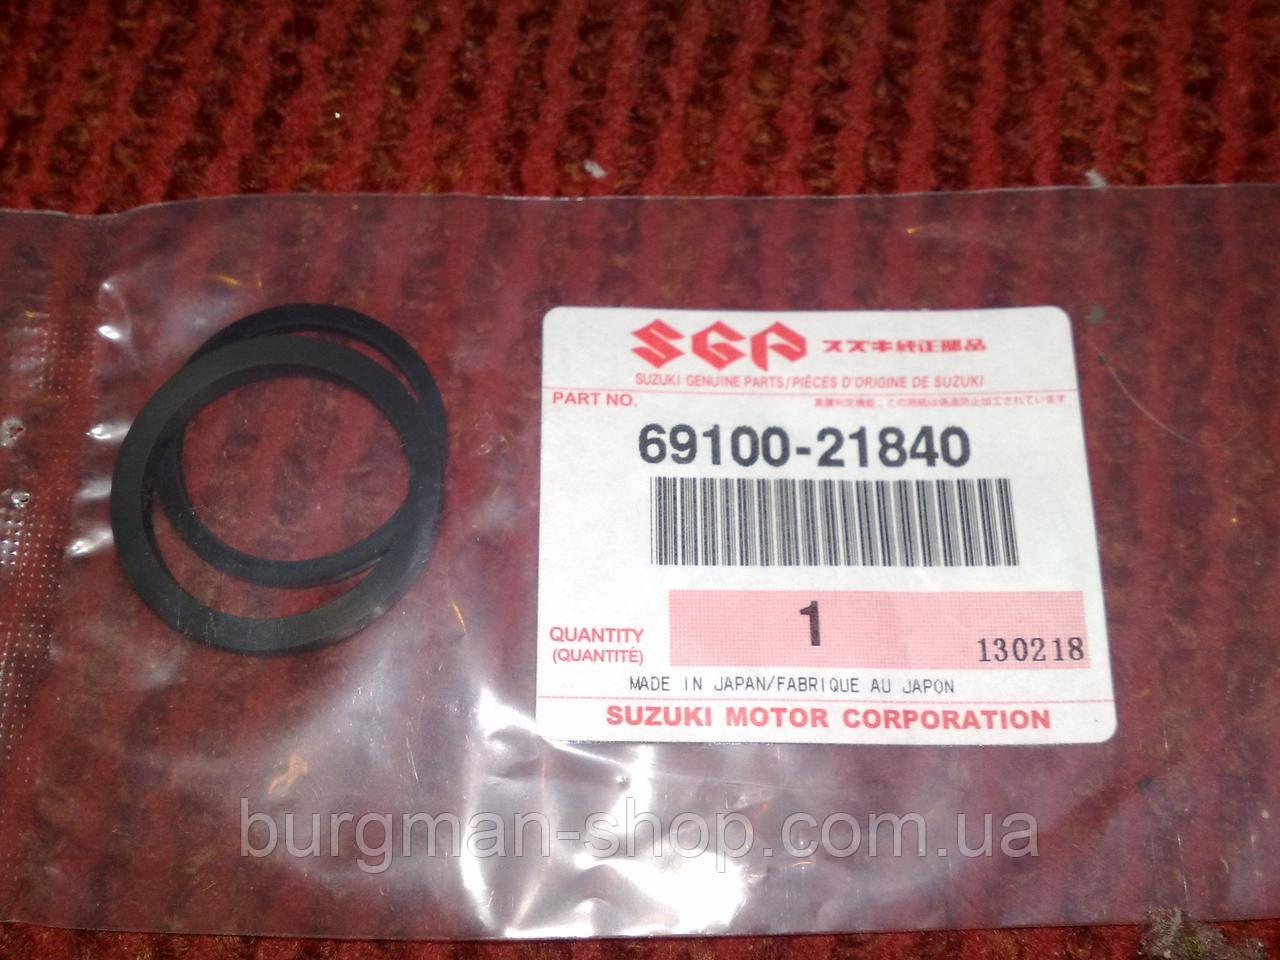 Ремкомплект заднего суппорта малый 98-06г Suzuki Burgman SkyWave 69100-21840